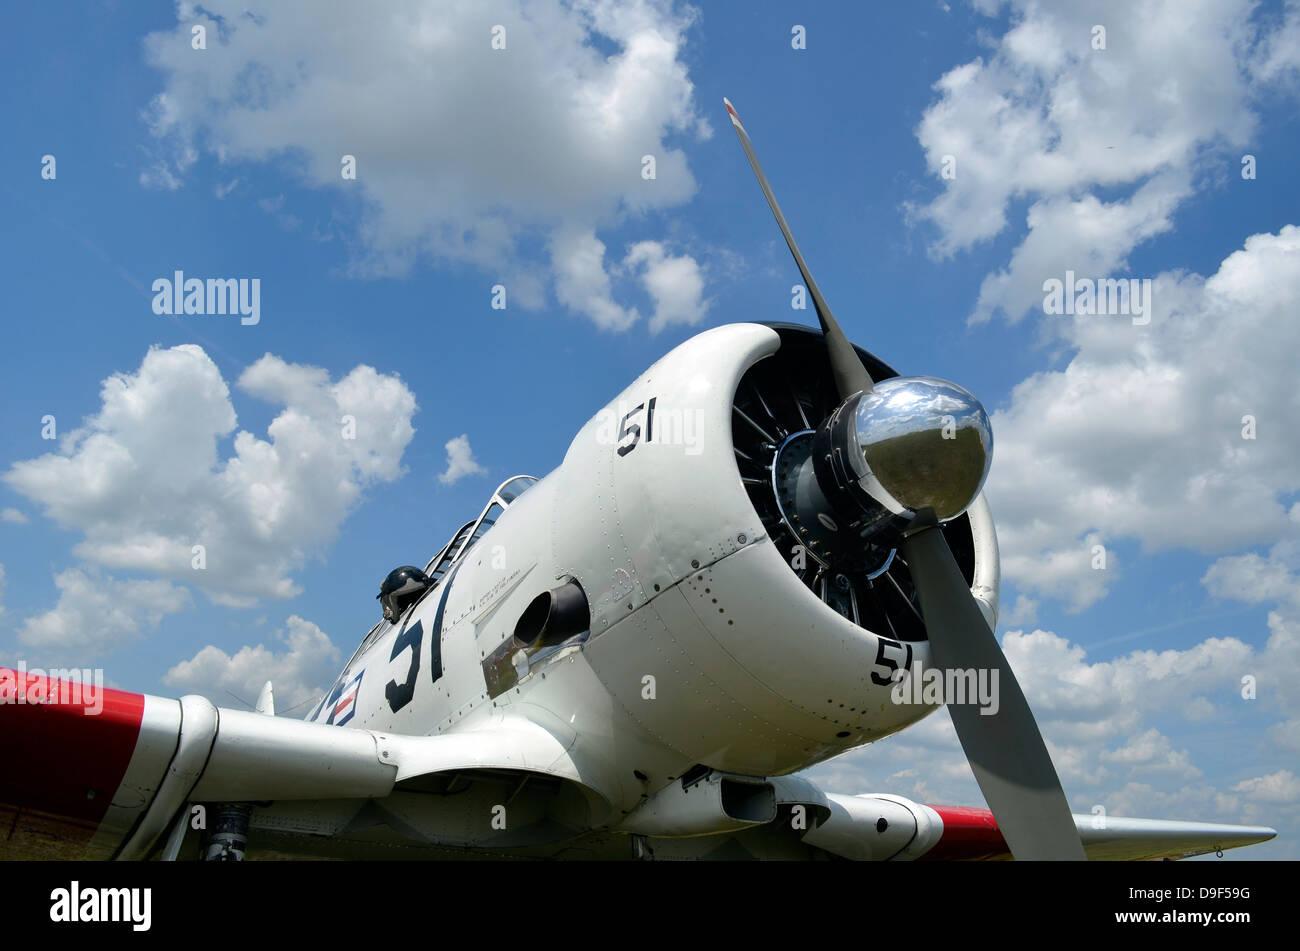 Nahaufnahme des Propellers auf einer North American Aviation Harvard II Warbird. Stockbild